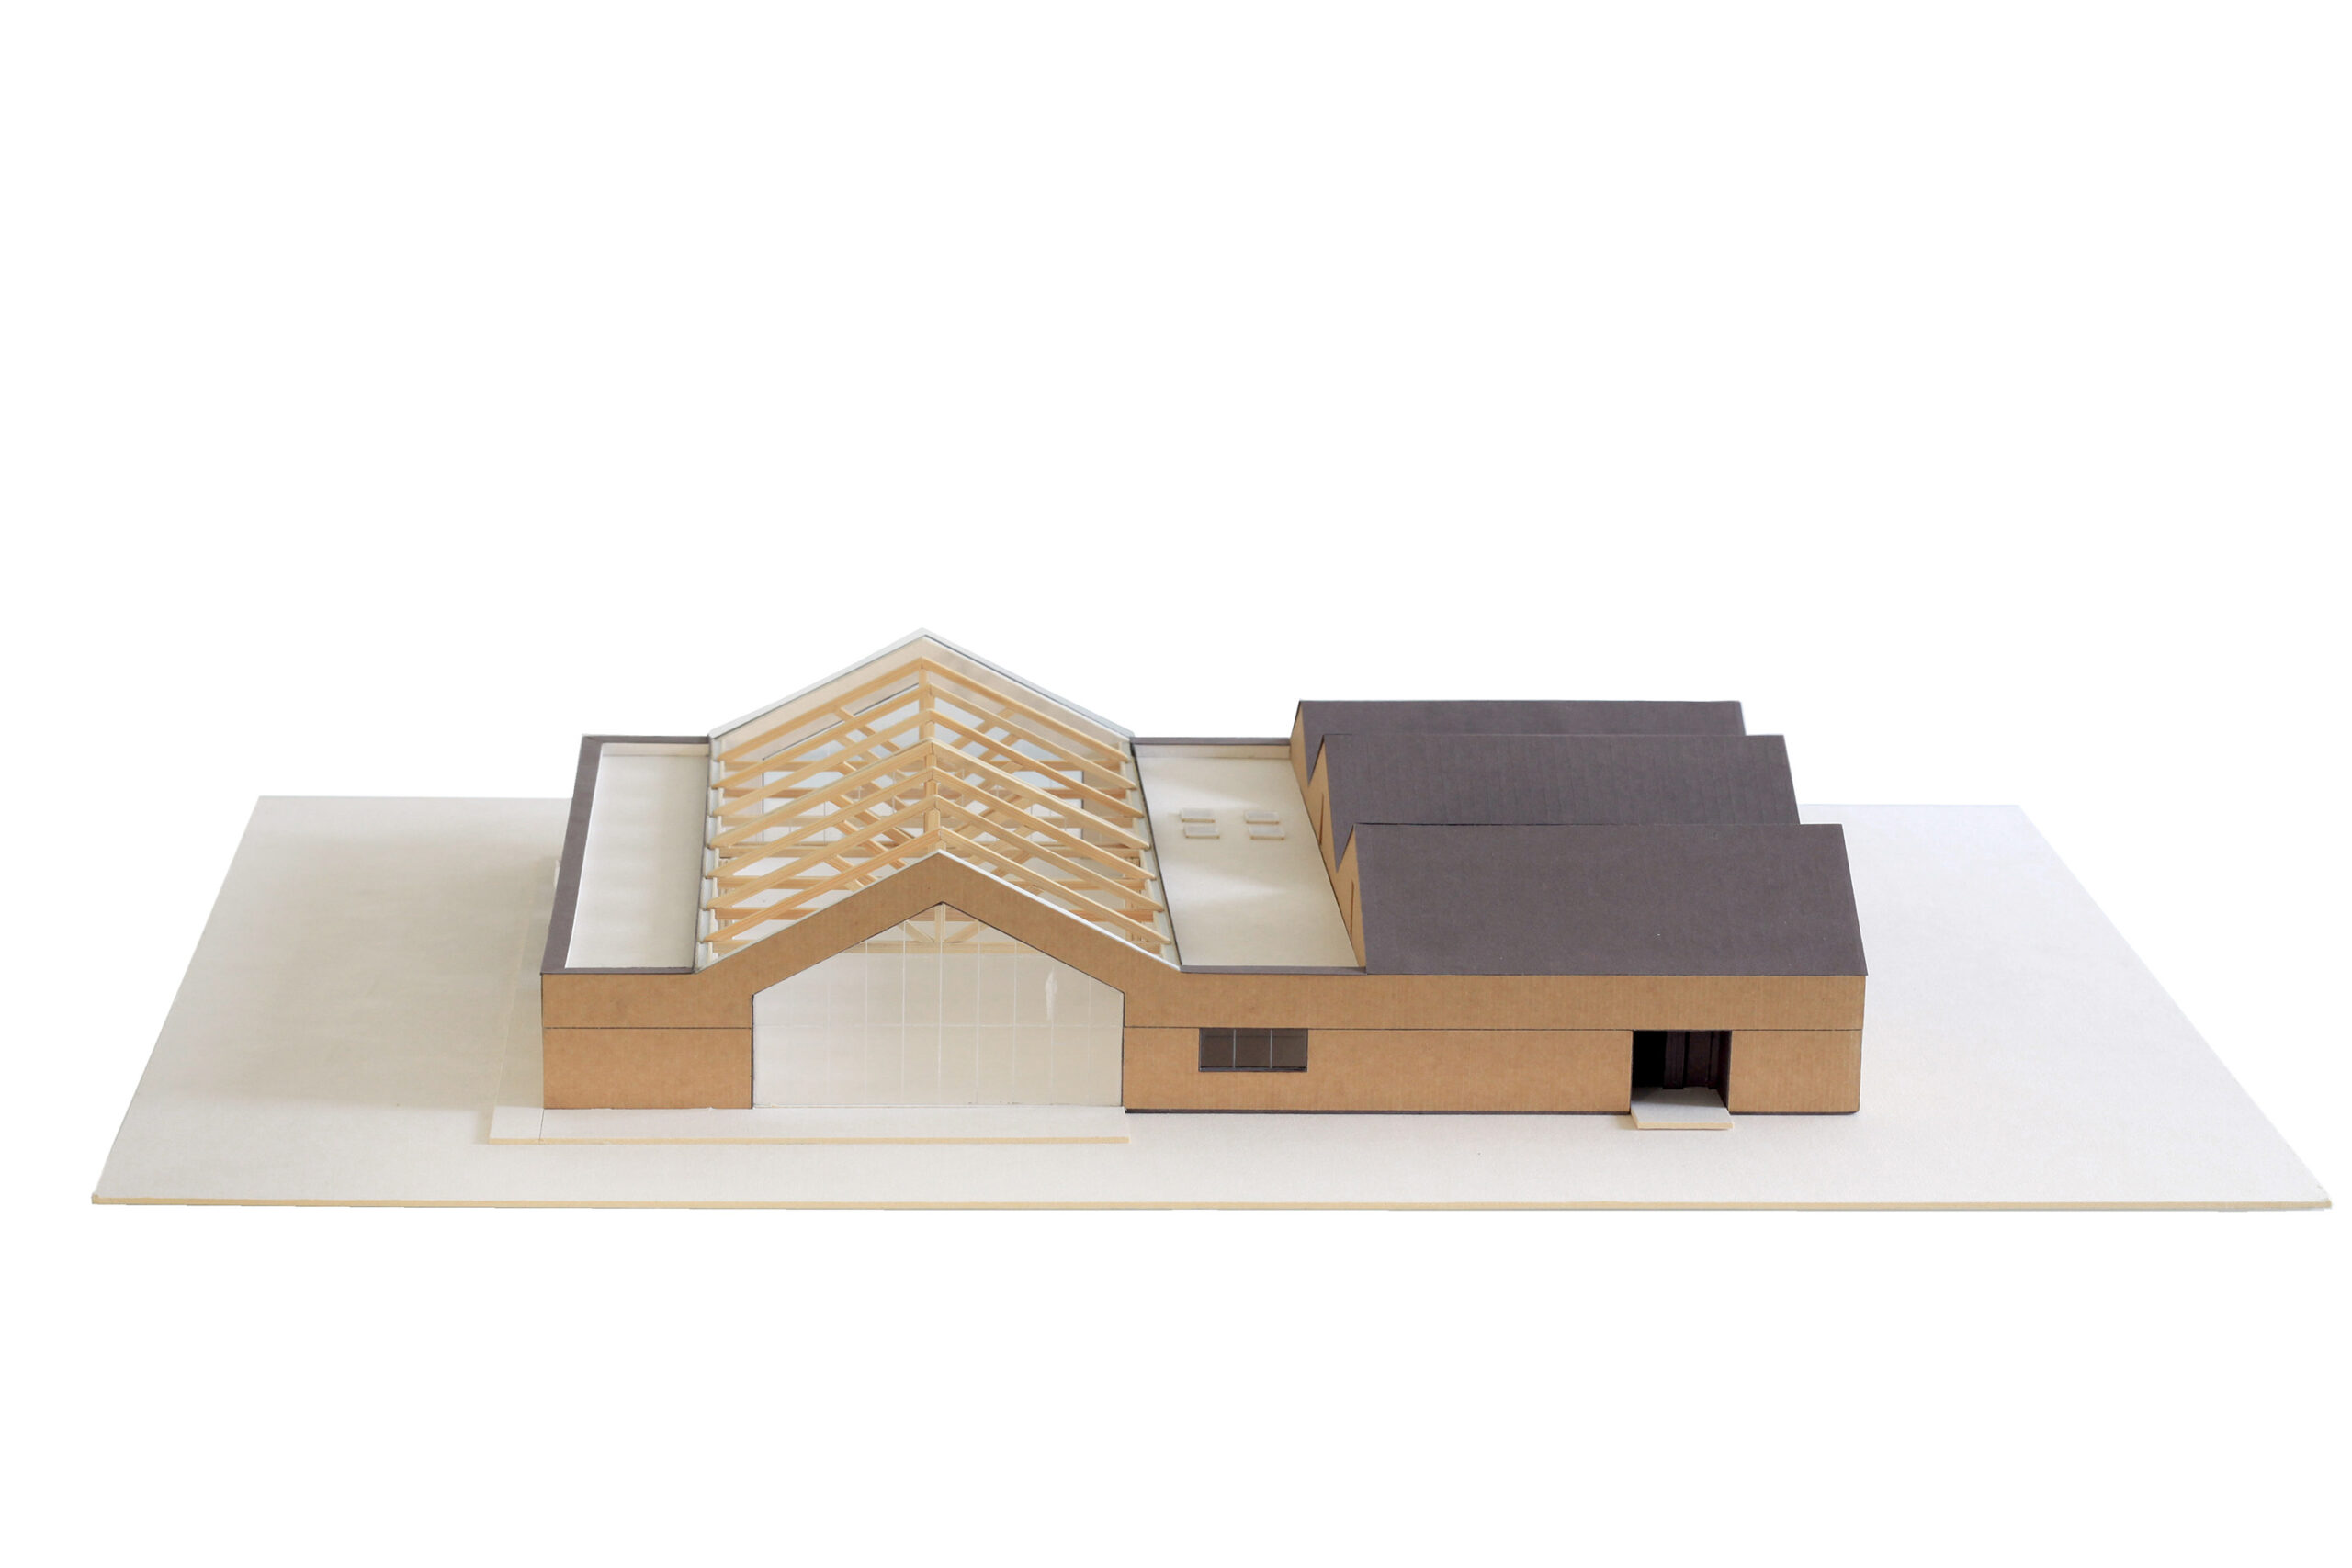 Dom-Weselny-Lubaszka-model-foto-02b-MEEKO